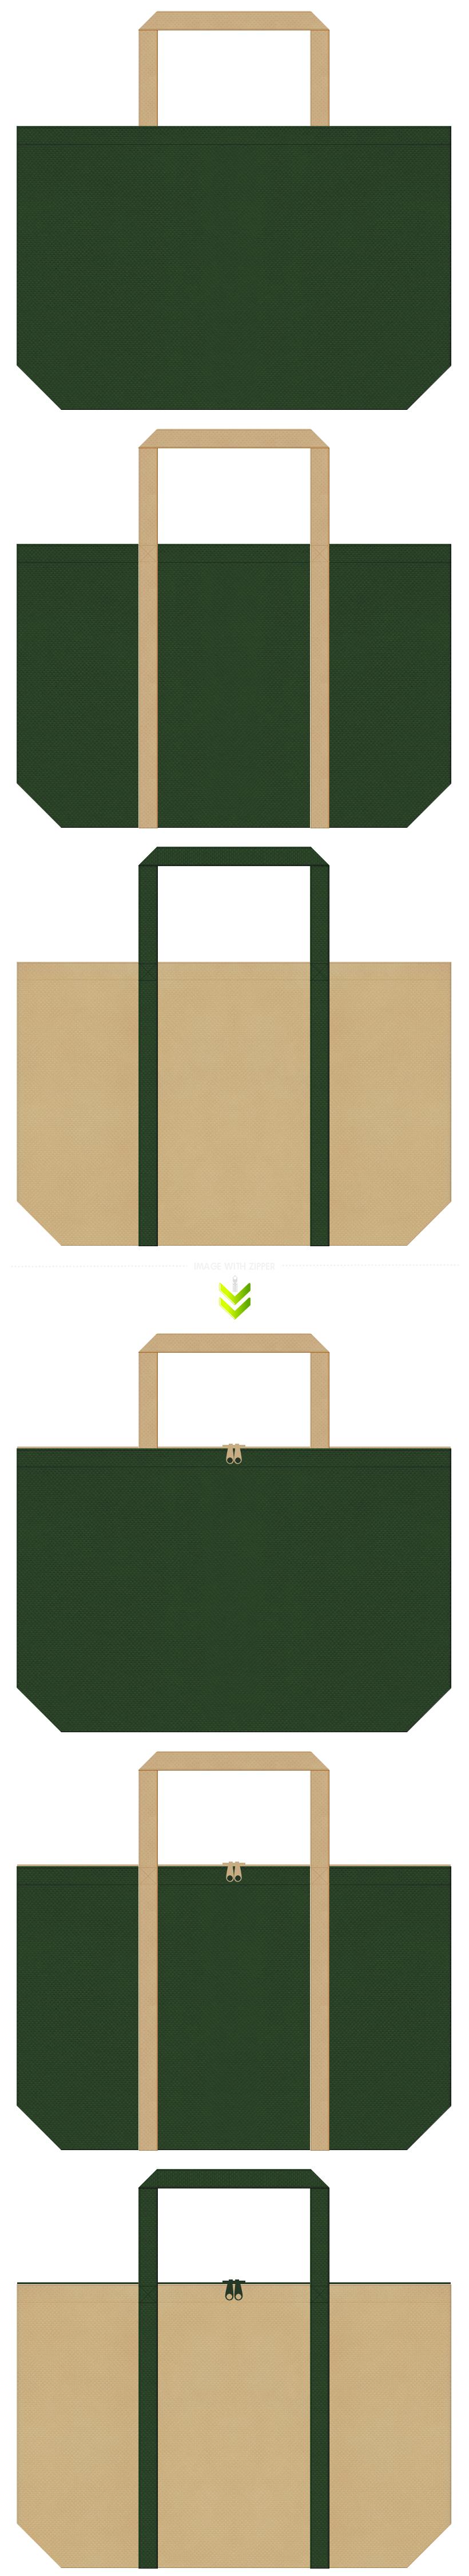 濃緑色とカーキ色の不織布エコバッグのデザイン。キャンプ用品・アウトドア用品のショッピングバッグや動物園のノベルティにお奨めです。